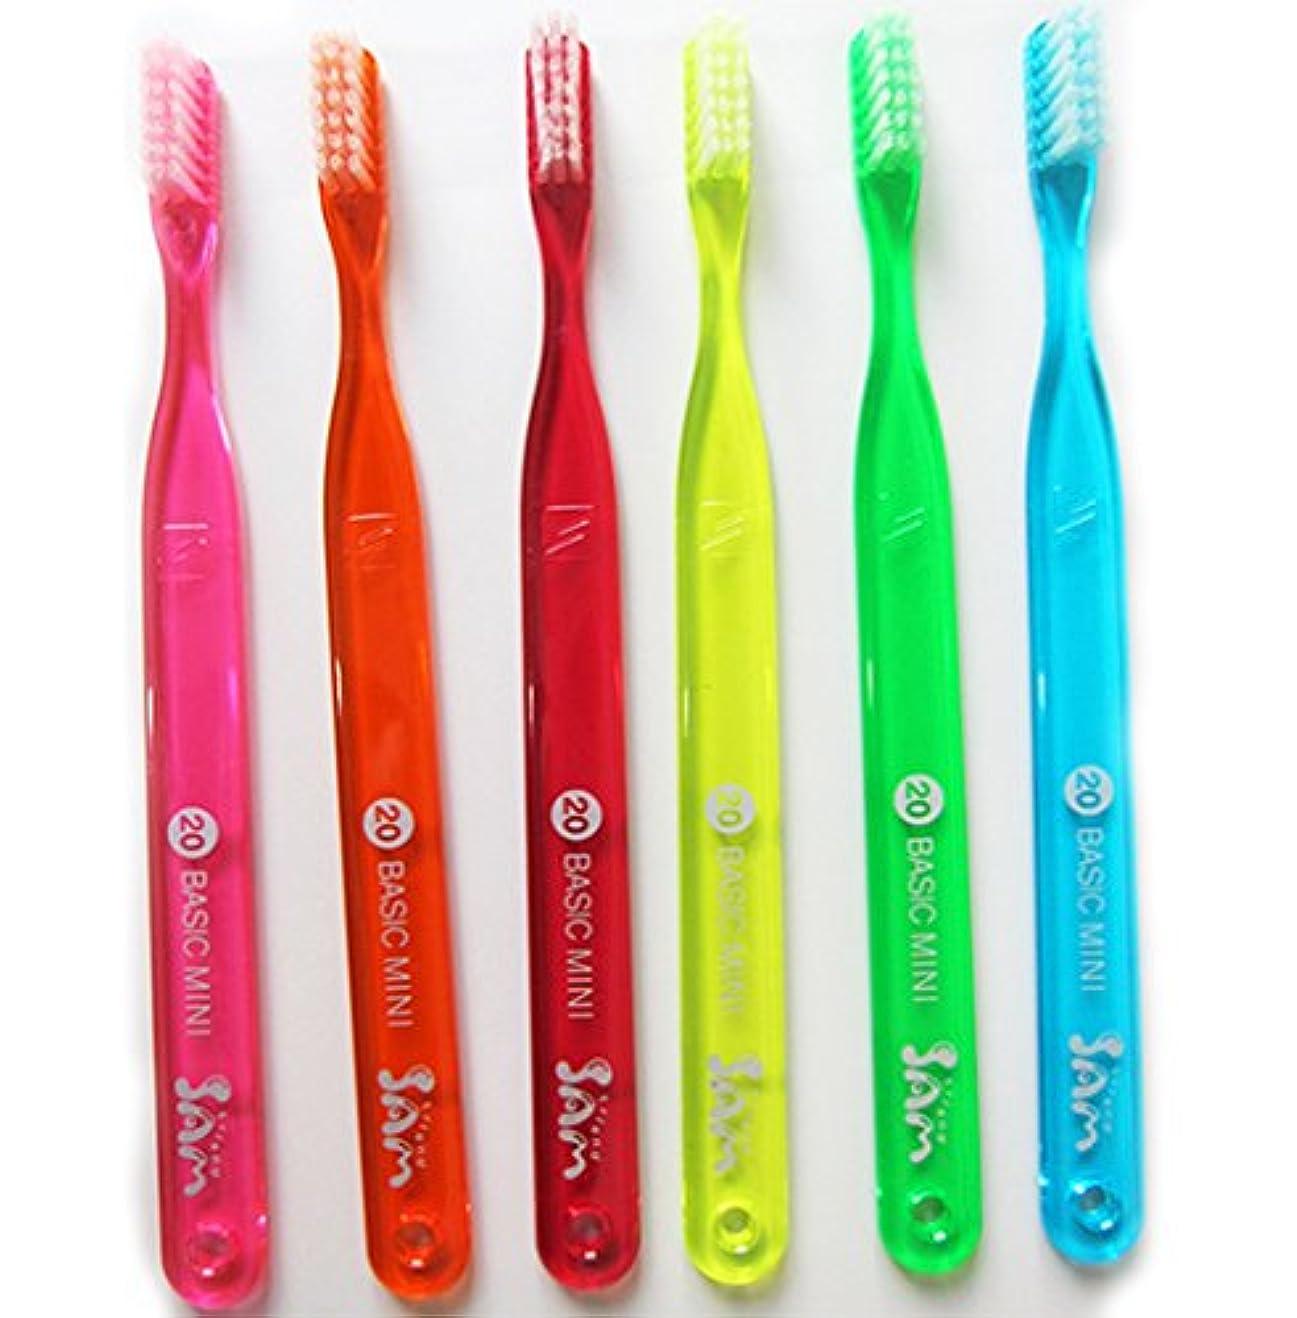 ペデスタル宇宙のドナーサムフレンド 【歯ブラシ】【サムフレンド 20】【6本】サムフレンド歯ブラシ20 BASIC MEDIUM Mini 6色セット【歯科